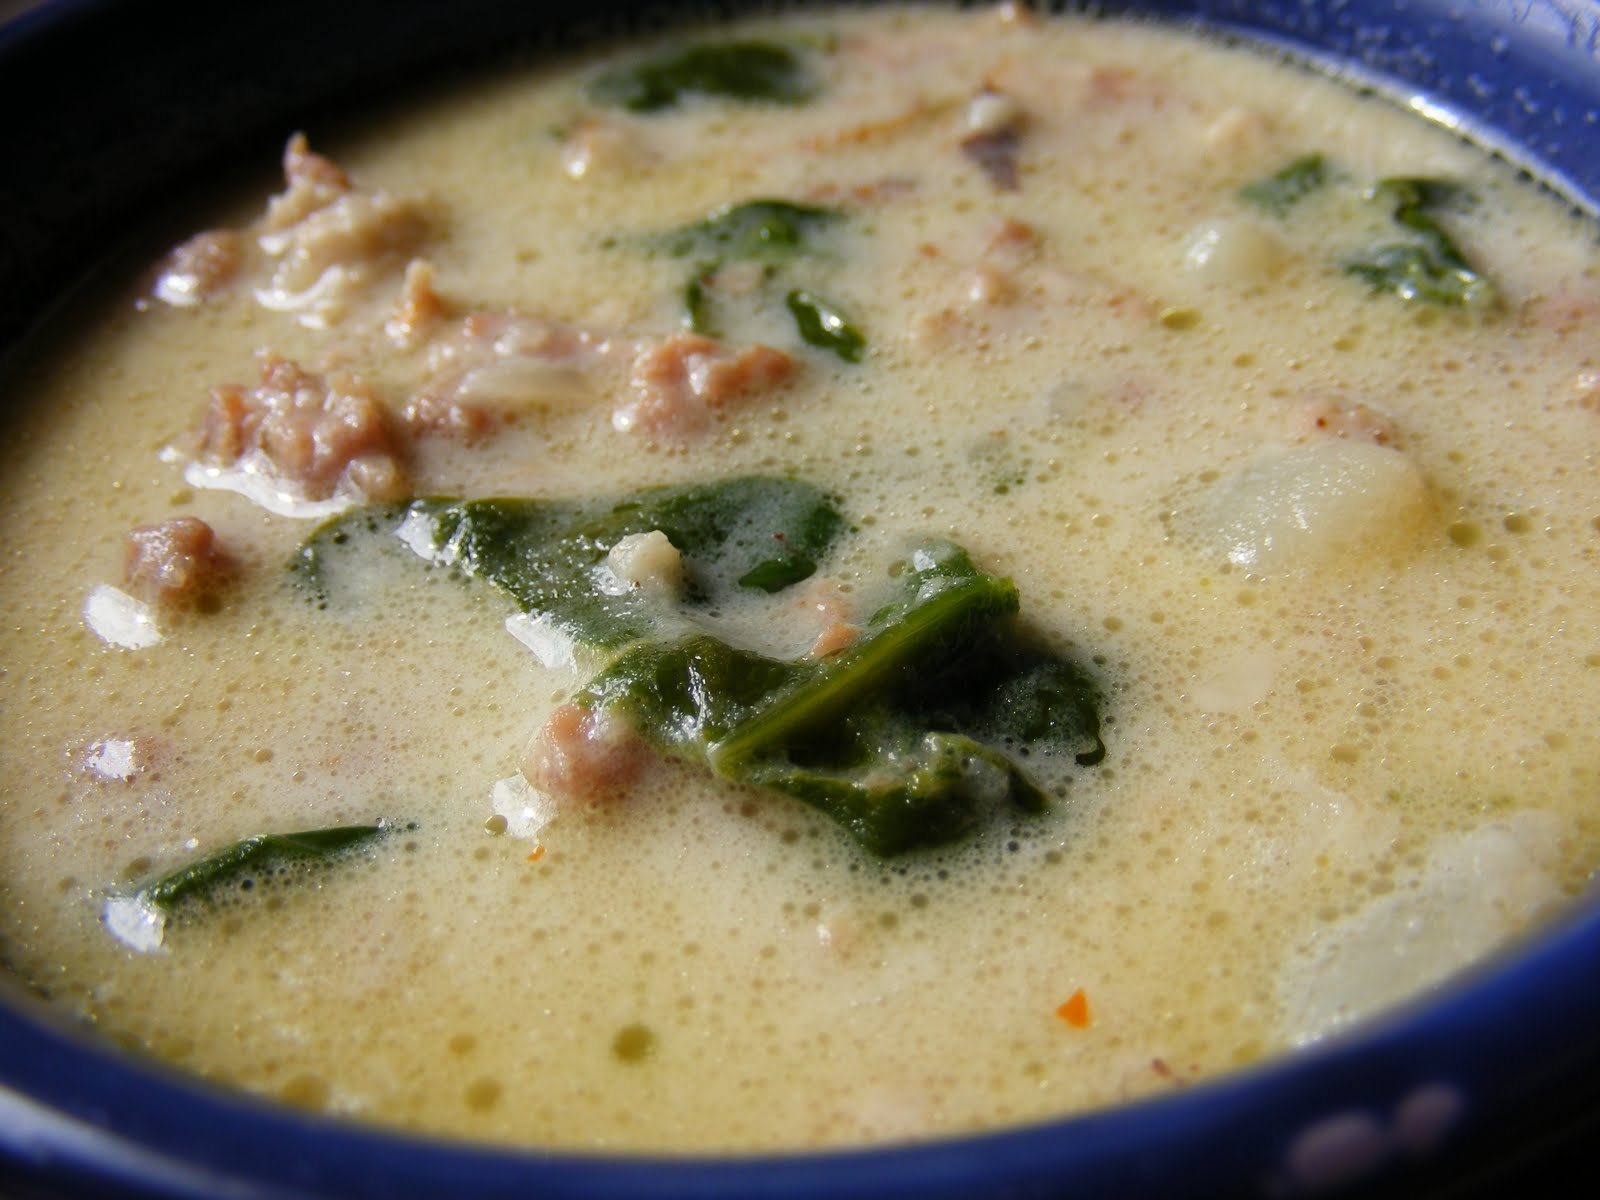 Homemade zuppa toscana savage taste - Recipe for olive garden zuppa toscana ...